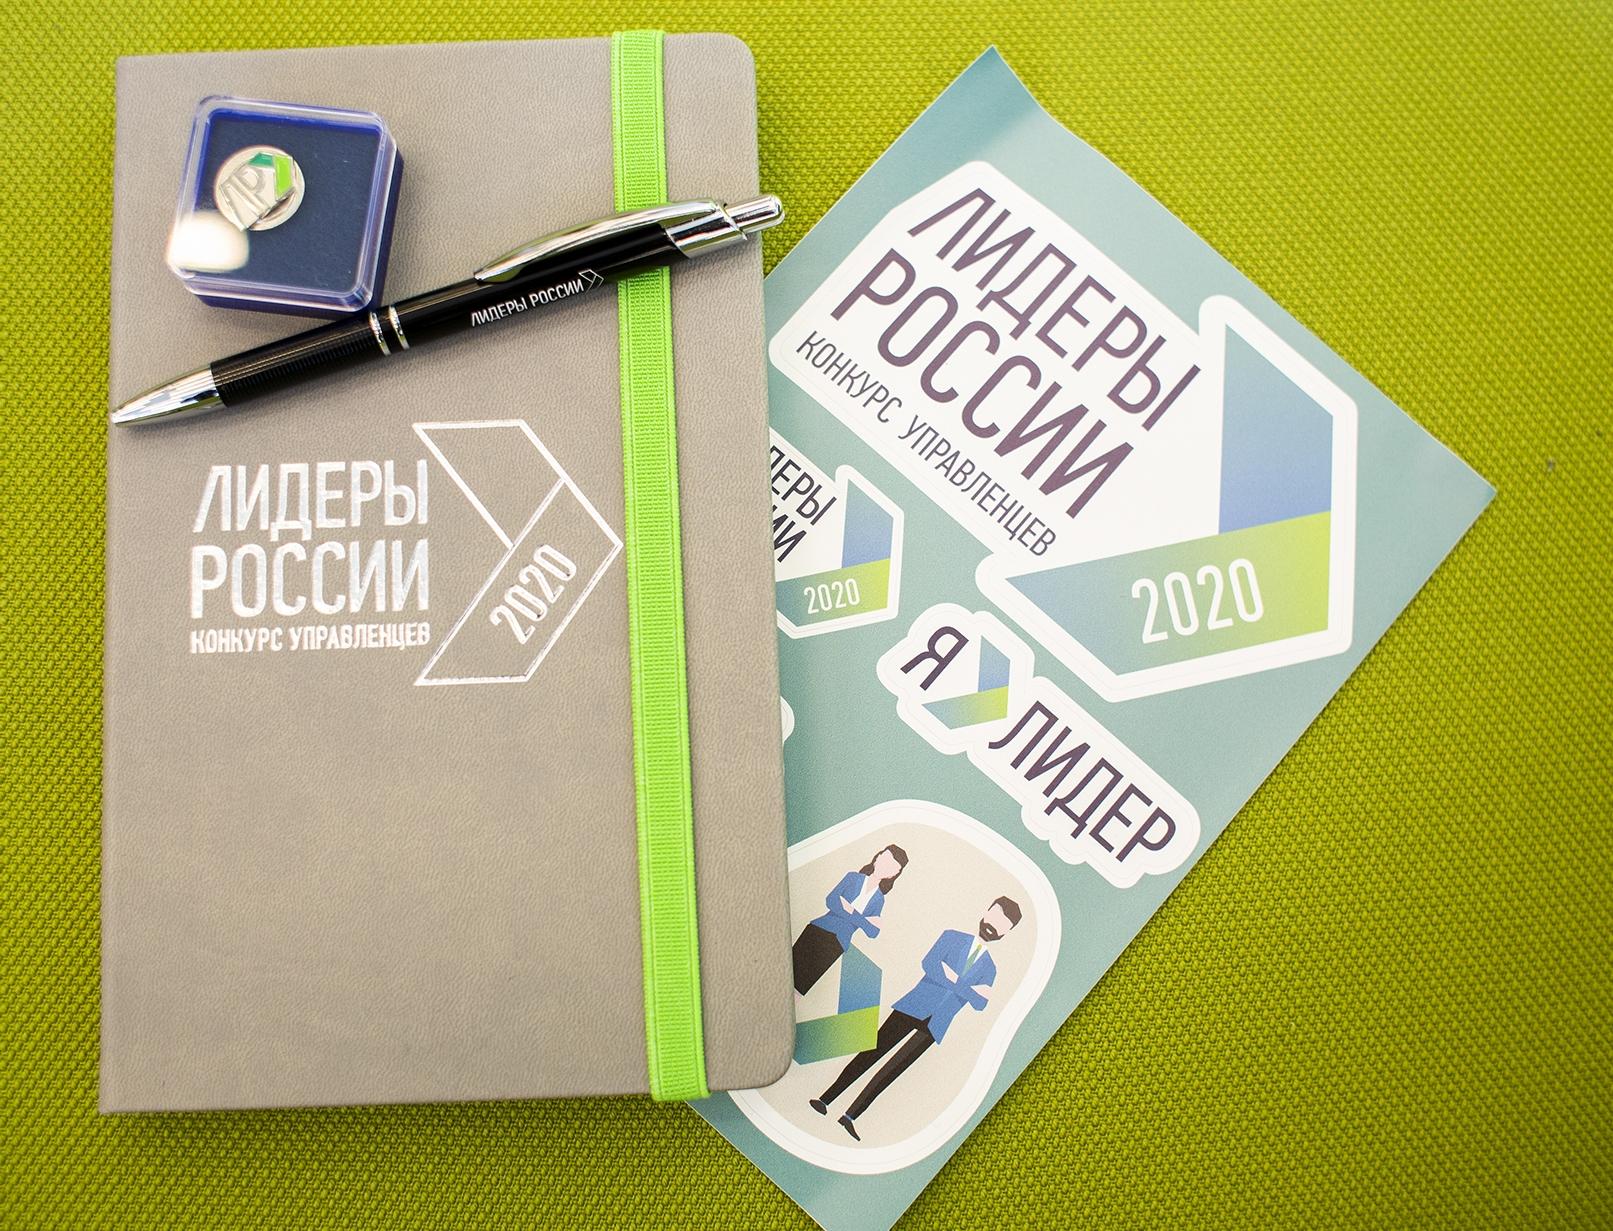 Будущее науки: изобретения и разработки участников специализации «Наука» конкурса «Лидеры России 2020»